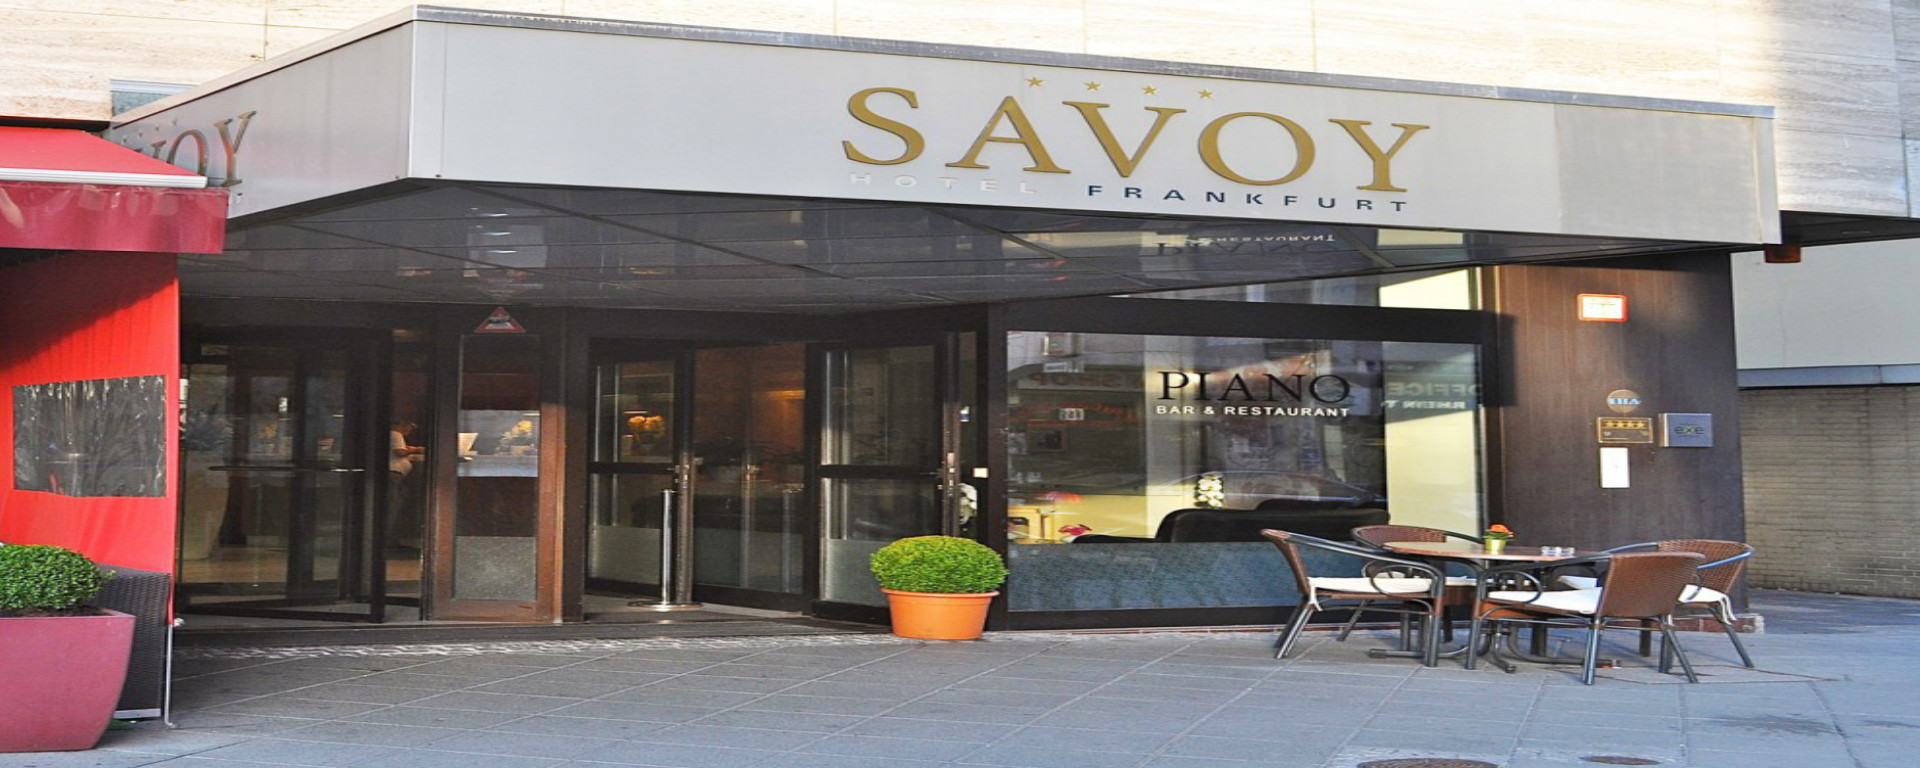 Das SAVOY Hotel Frankfurt freut sich auf Sie!